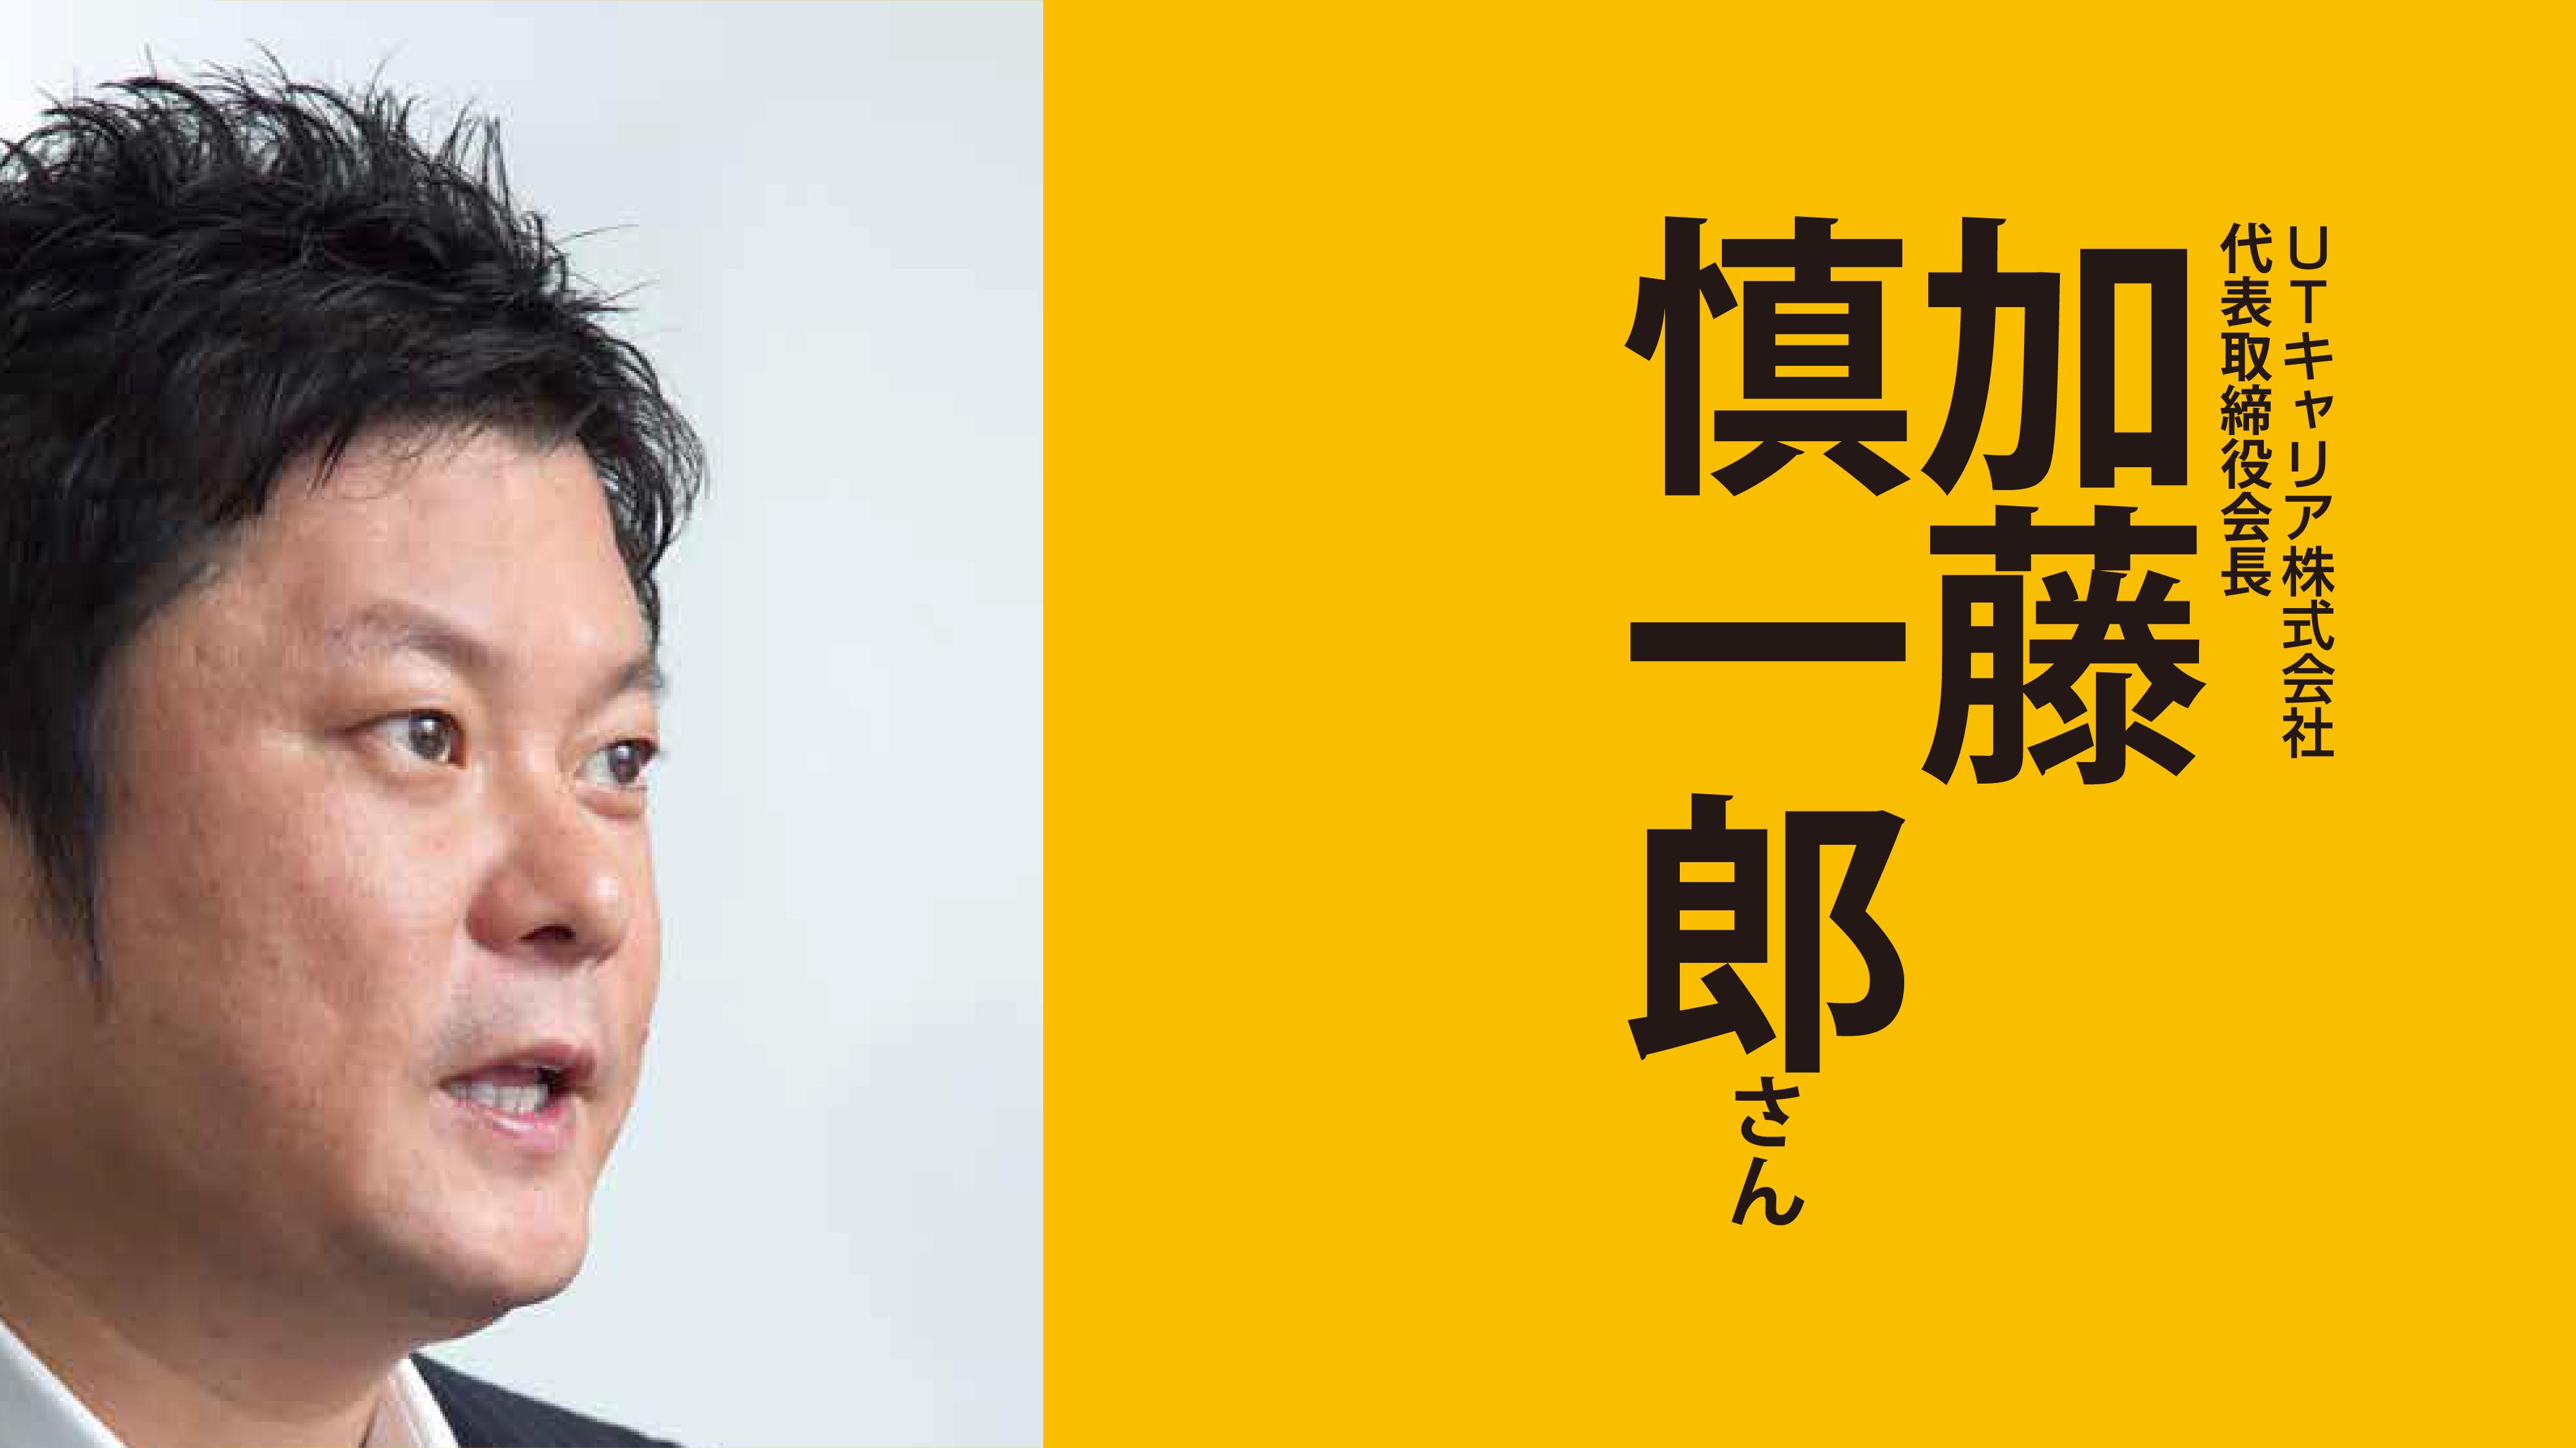 2013-09経営者124_UTキャリア_加藤様